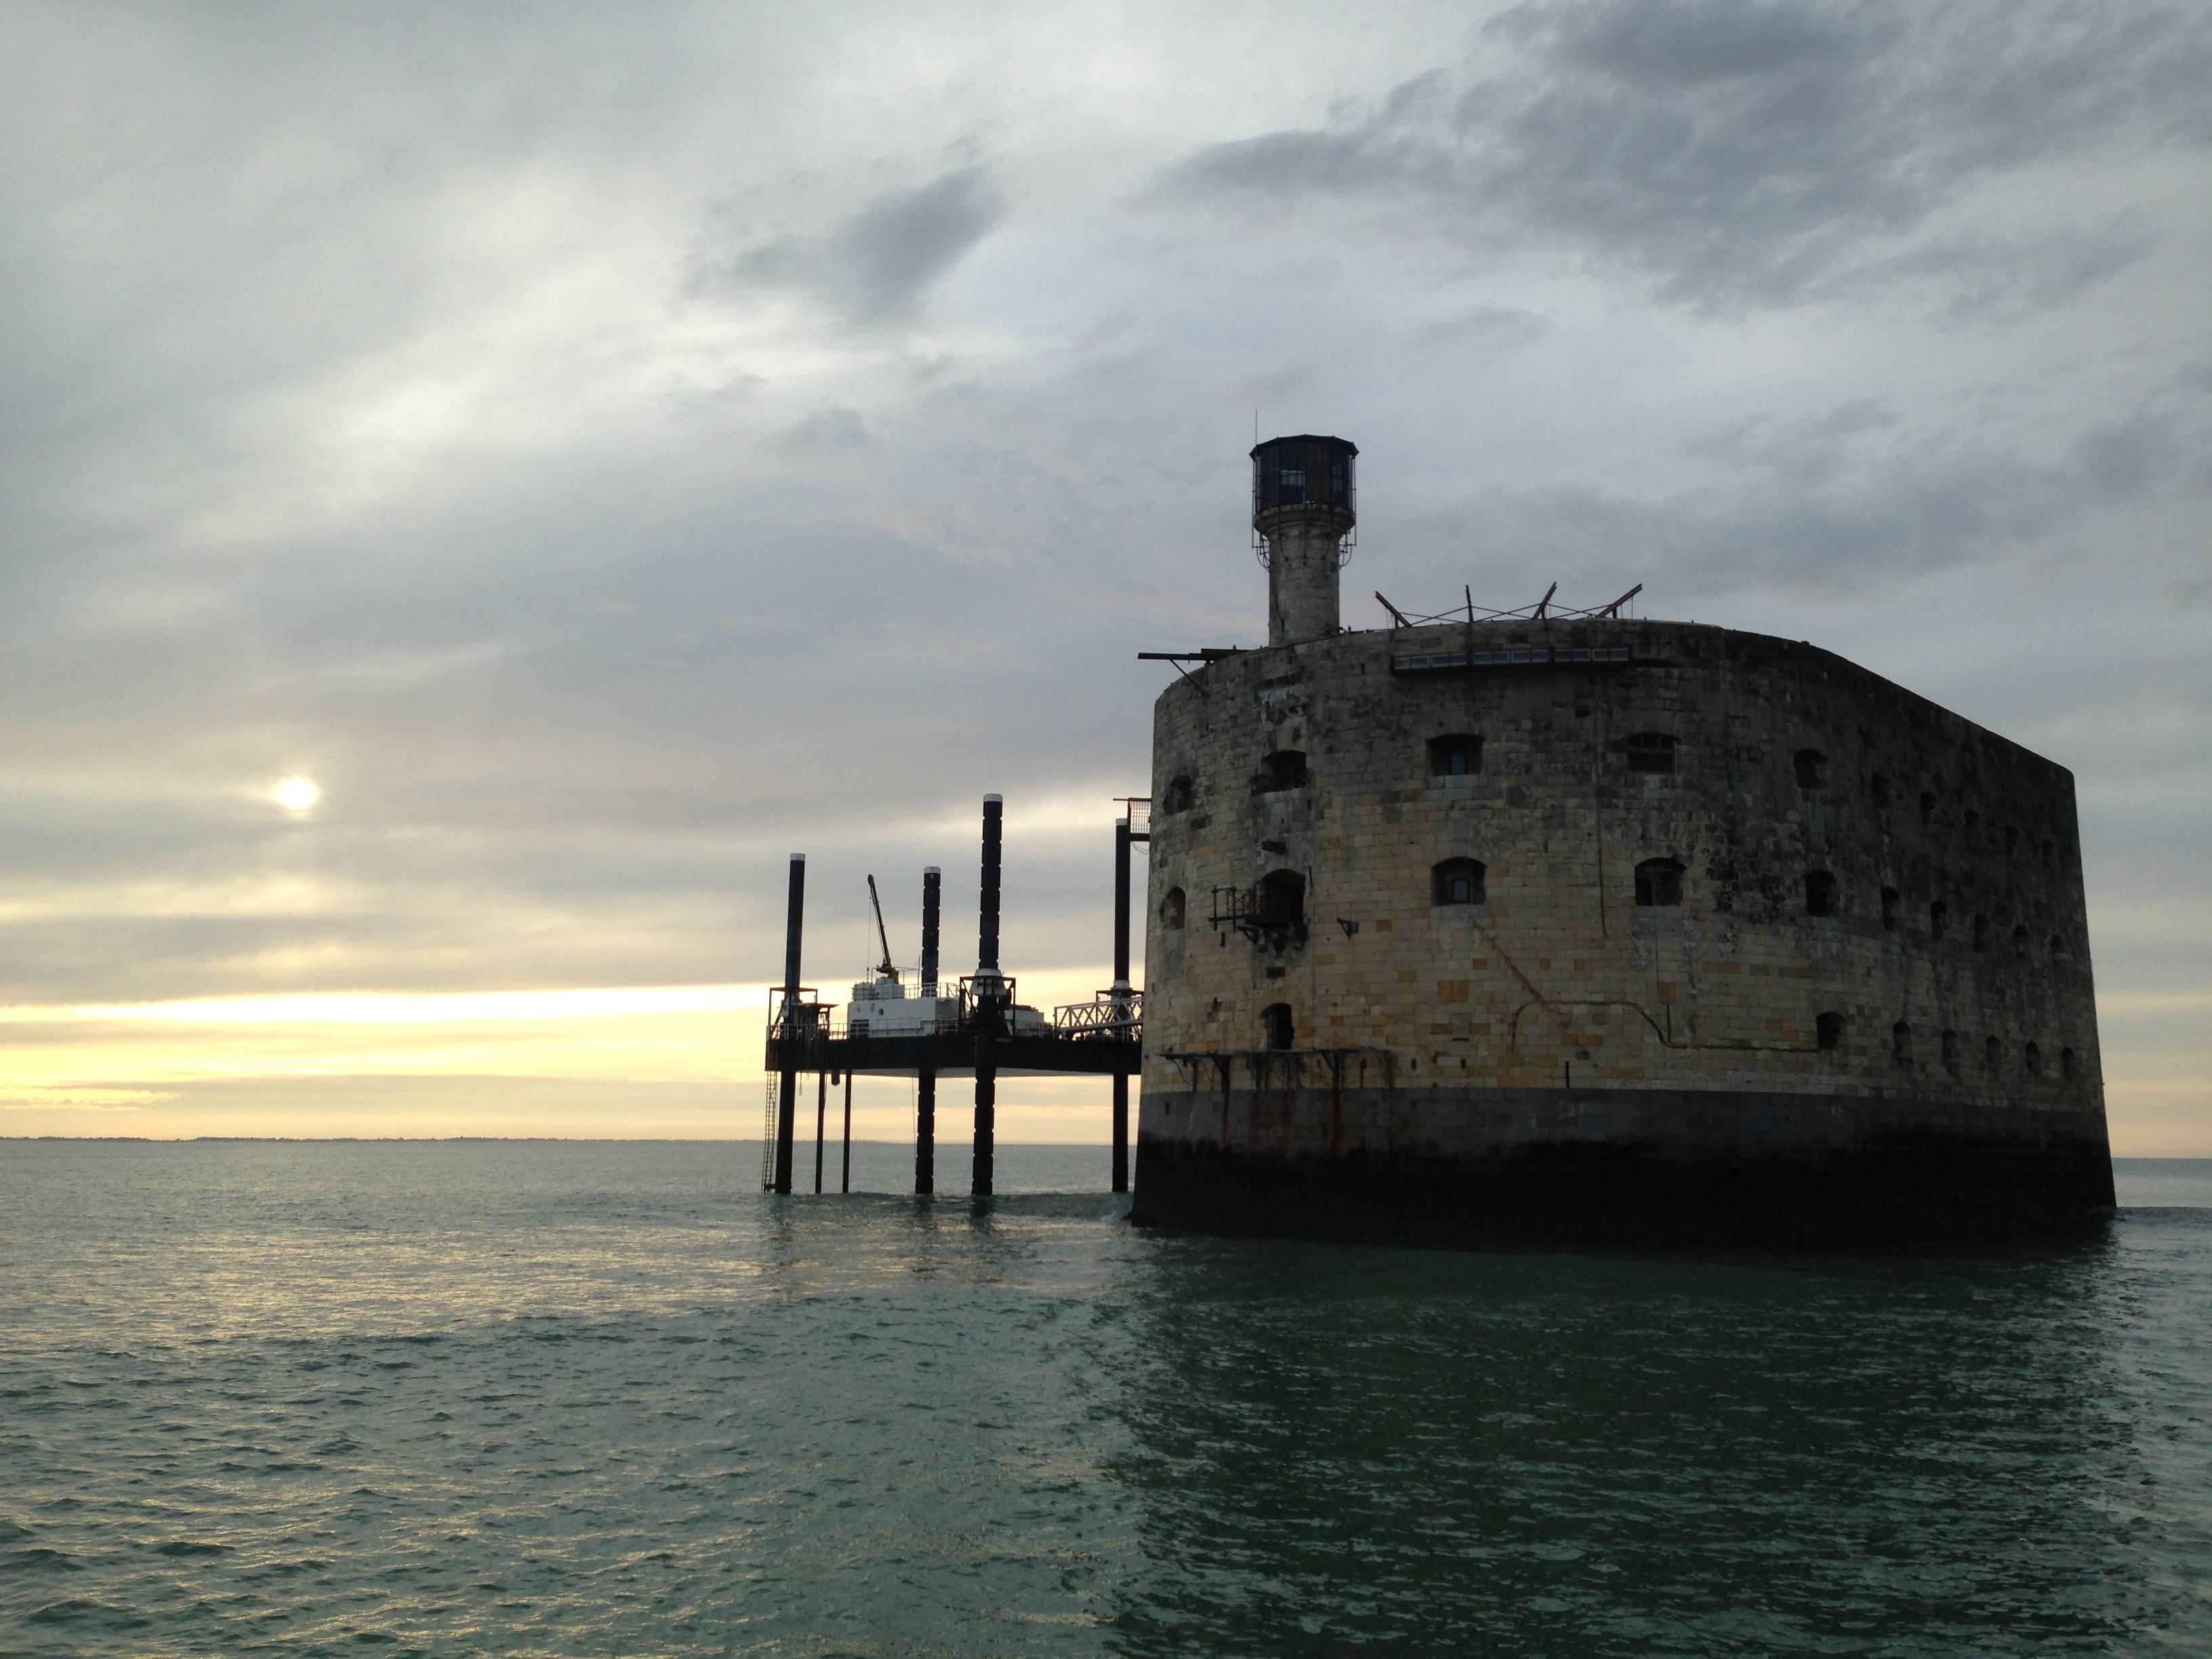 Photo 1: Tour du fort Boyard en voilier !